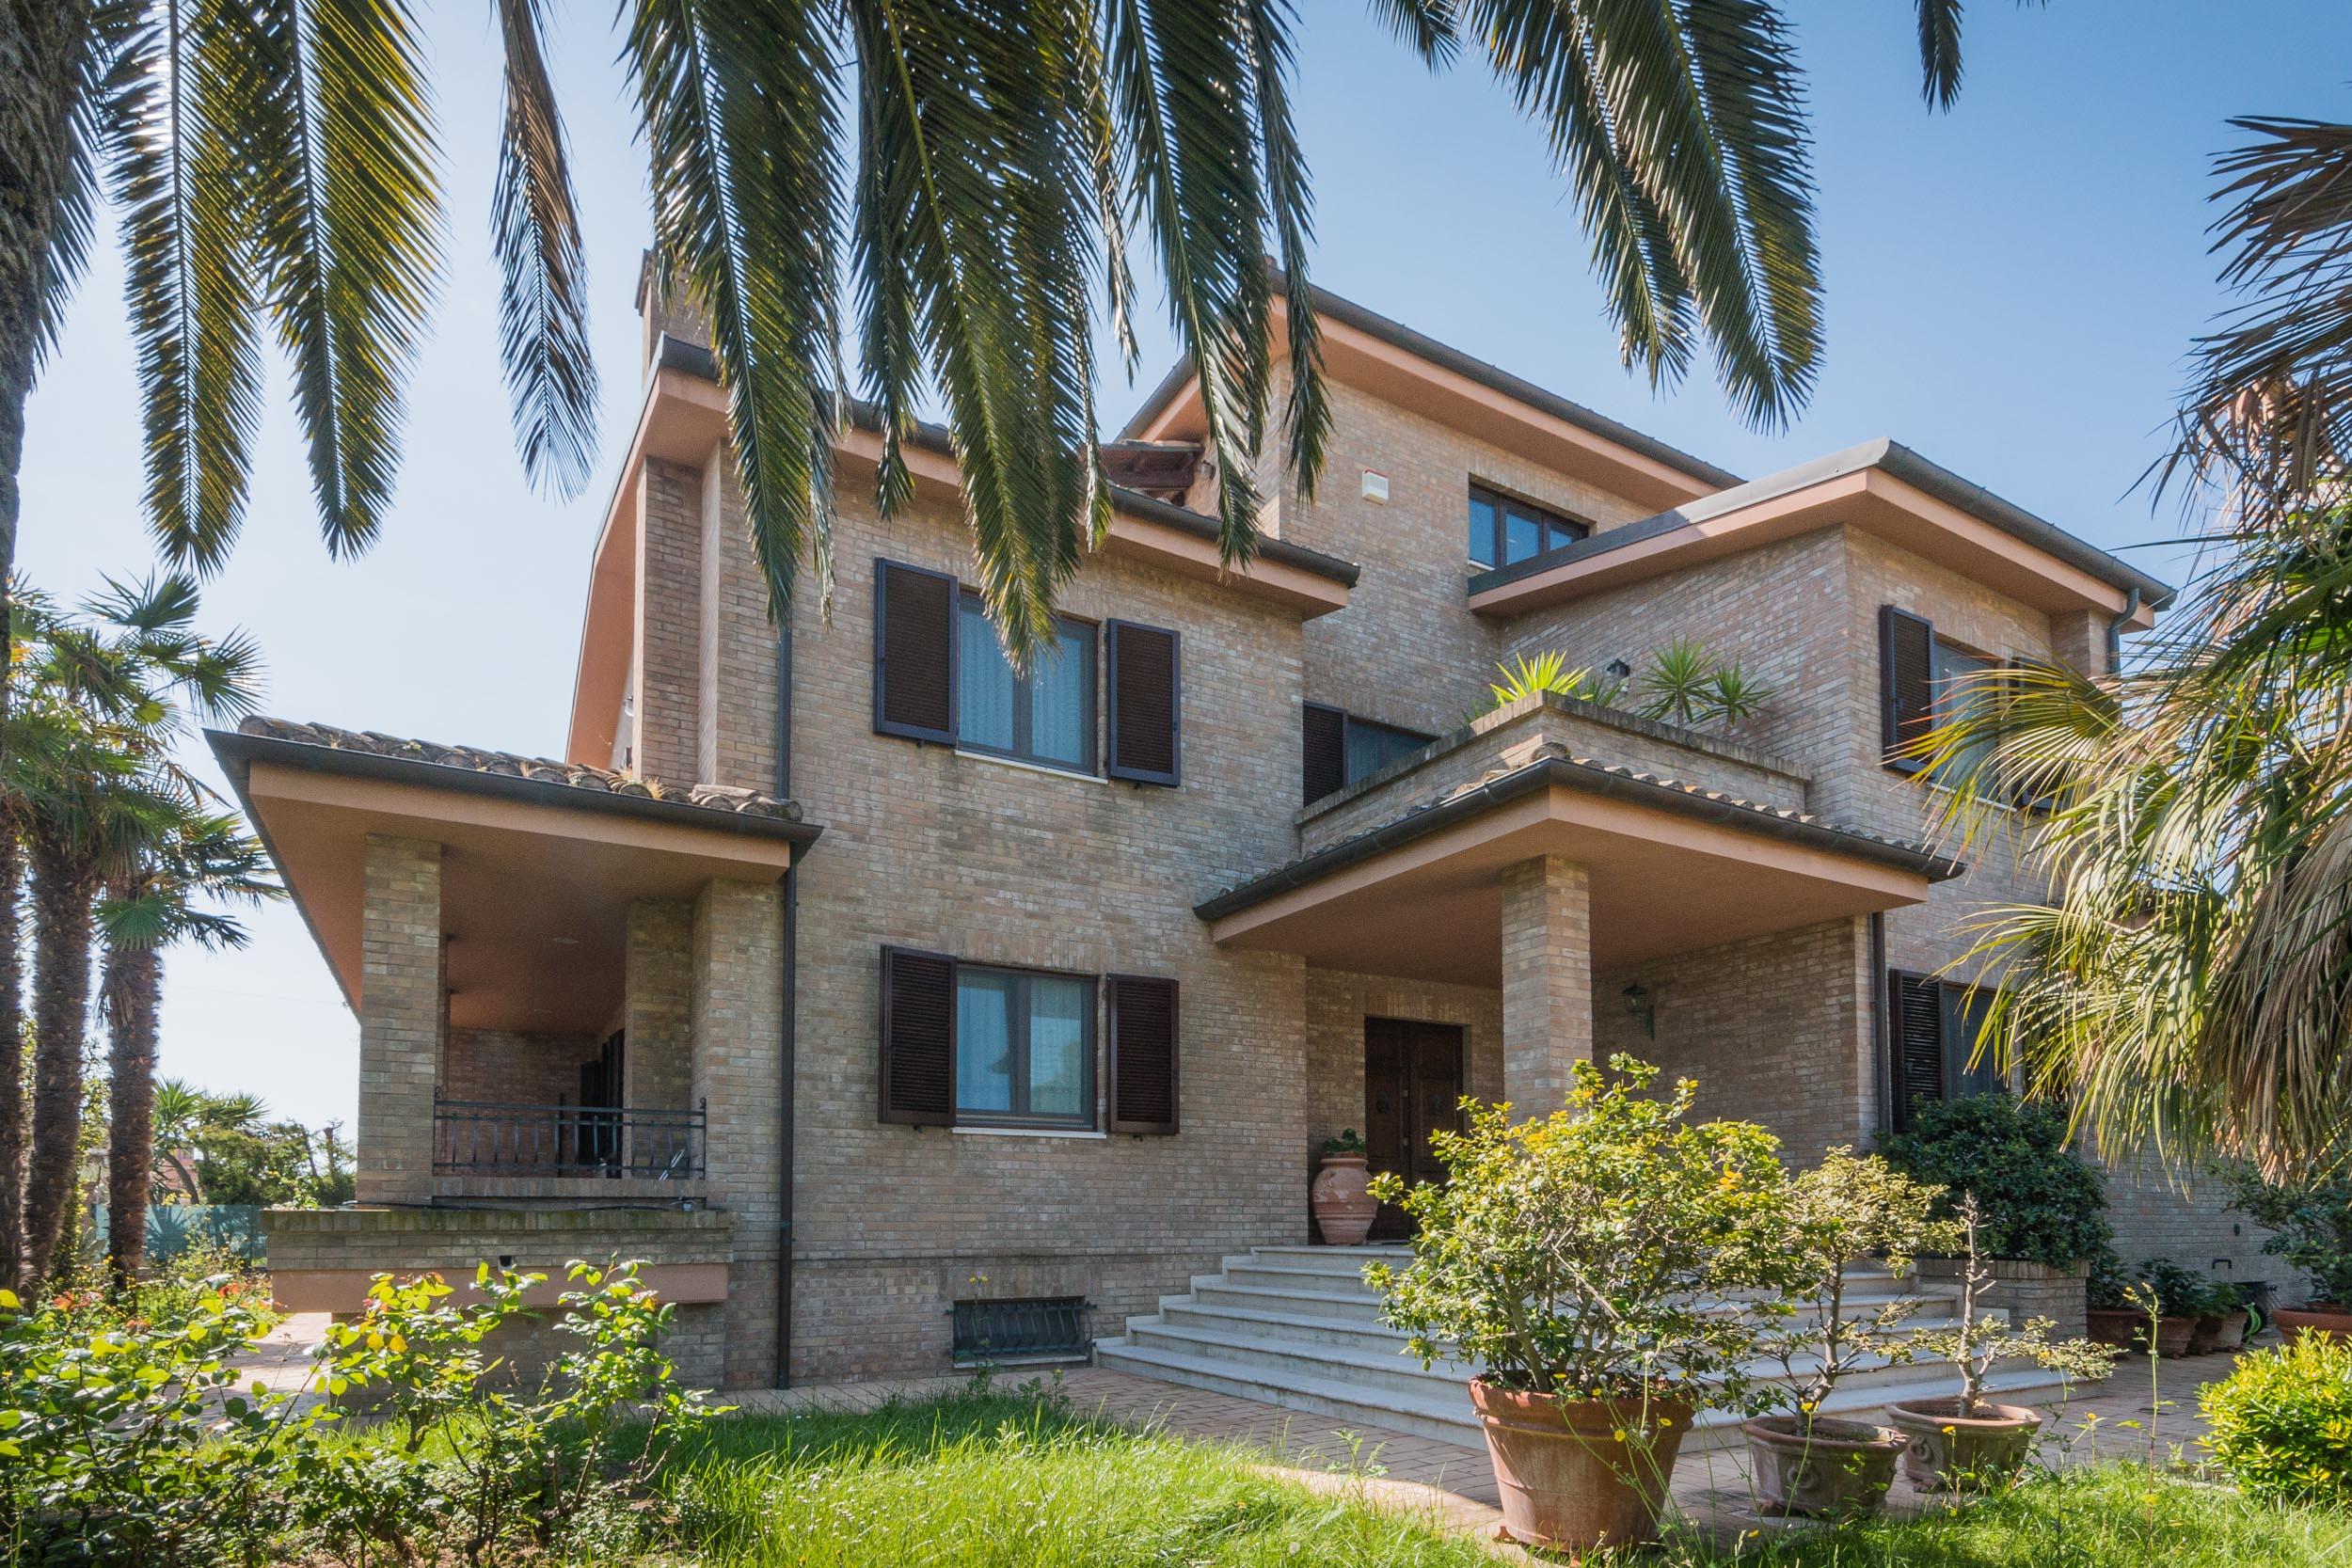 Stupenda villa bifamiliare in vendita vicino al mare